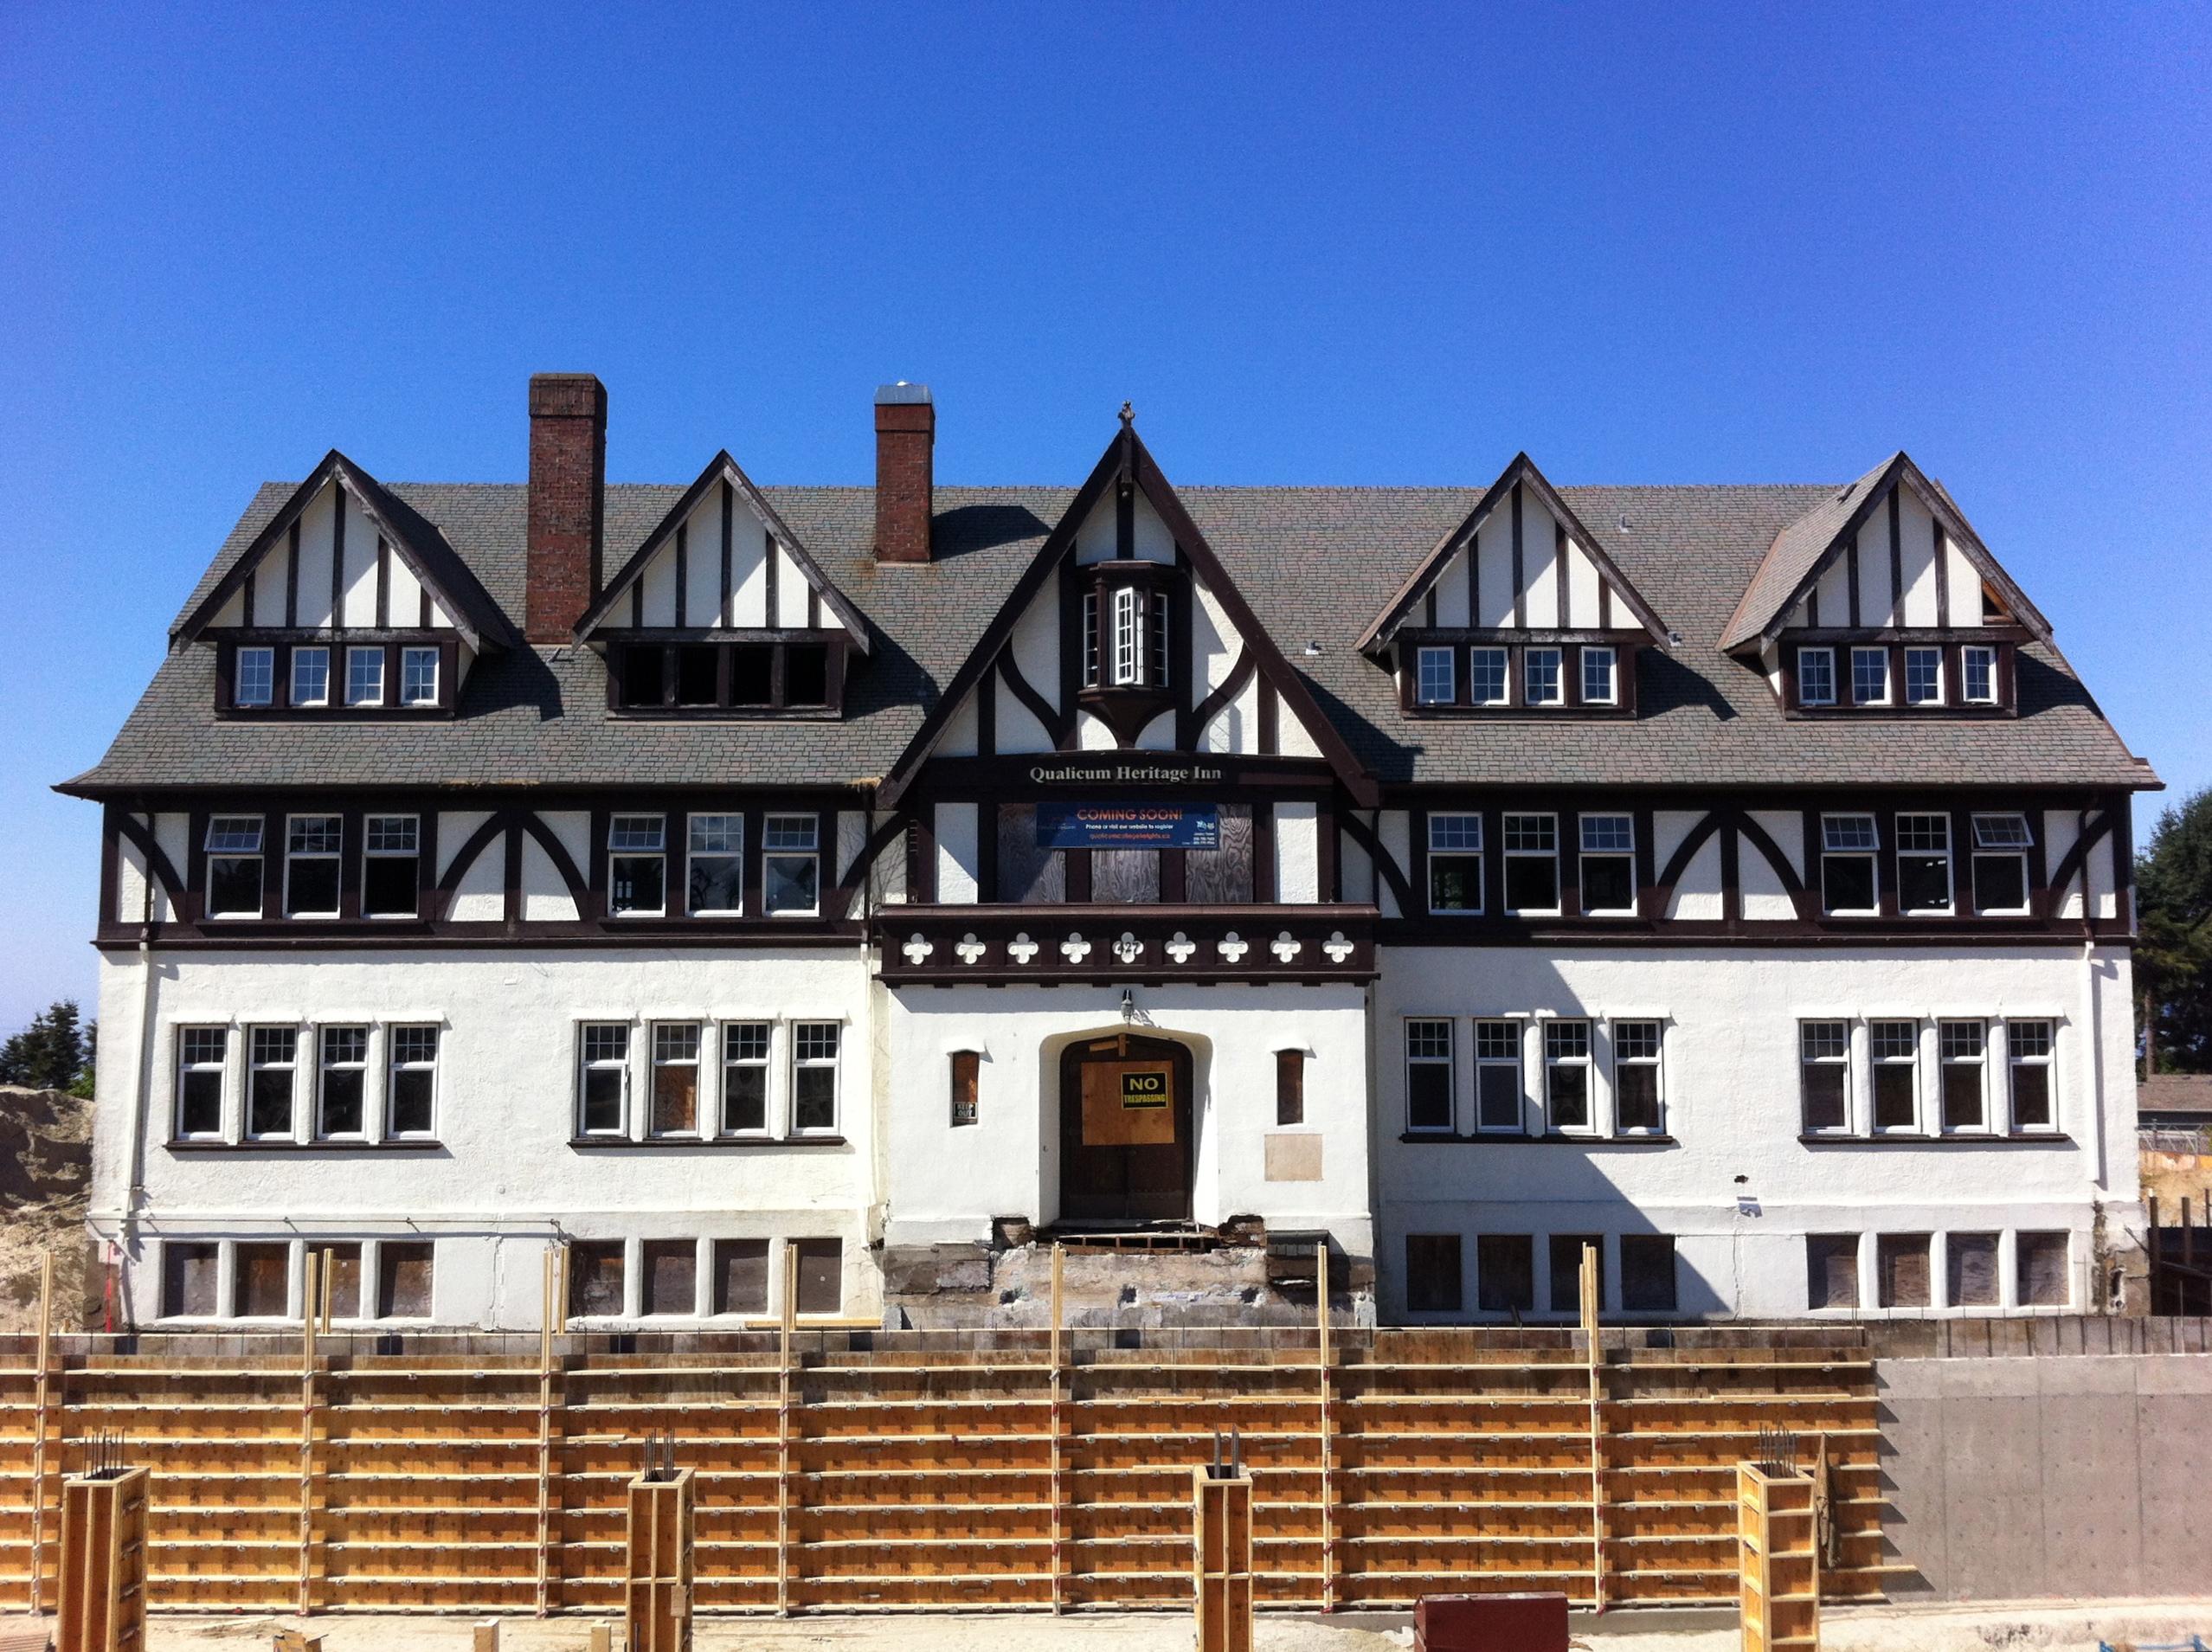 Qualicum Heritage Inn: The Great Haunted Condominium Sale ...